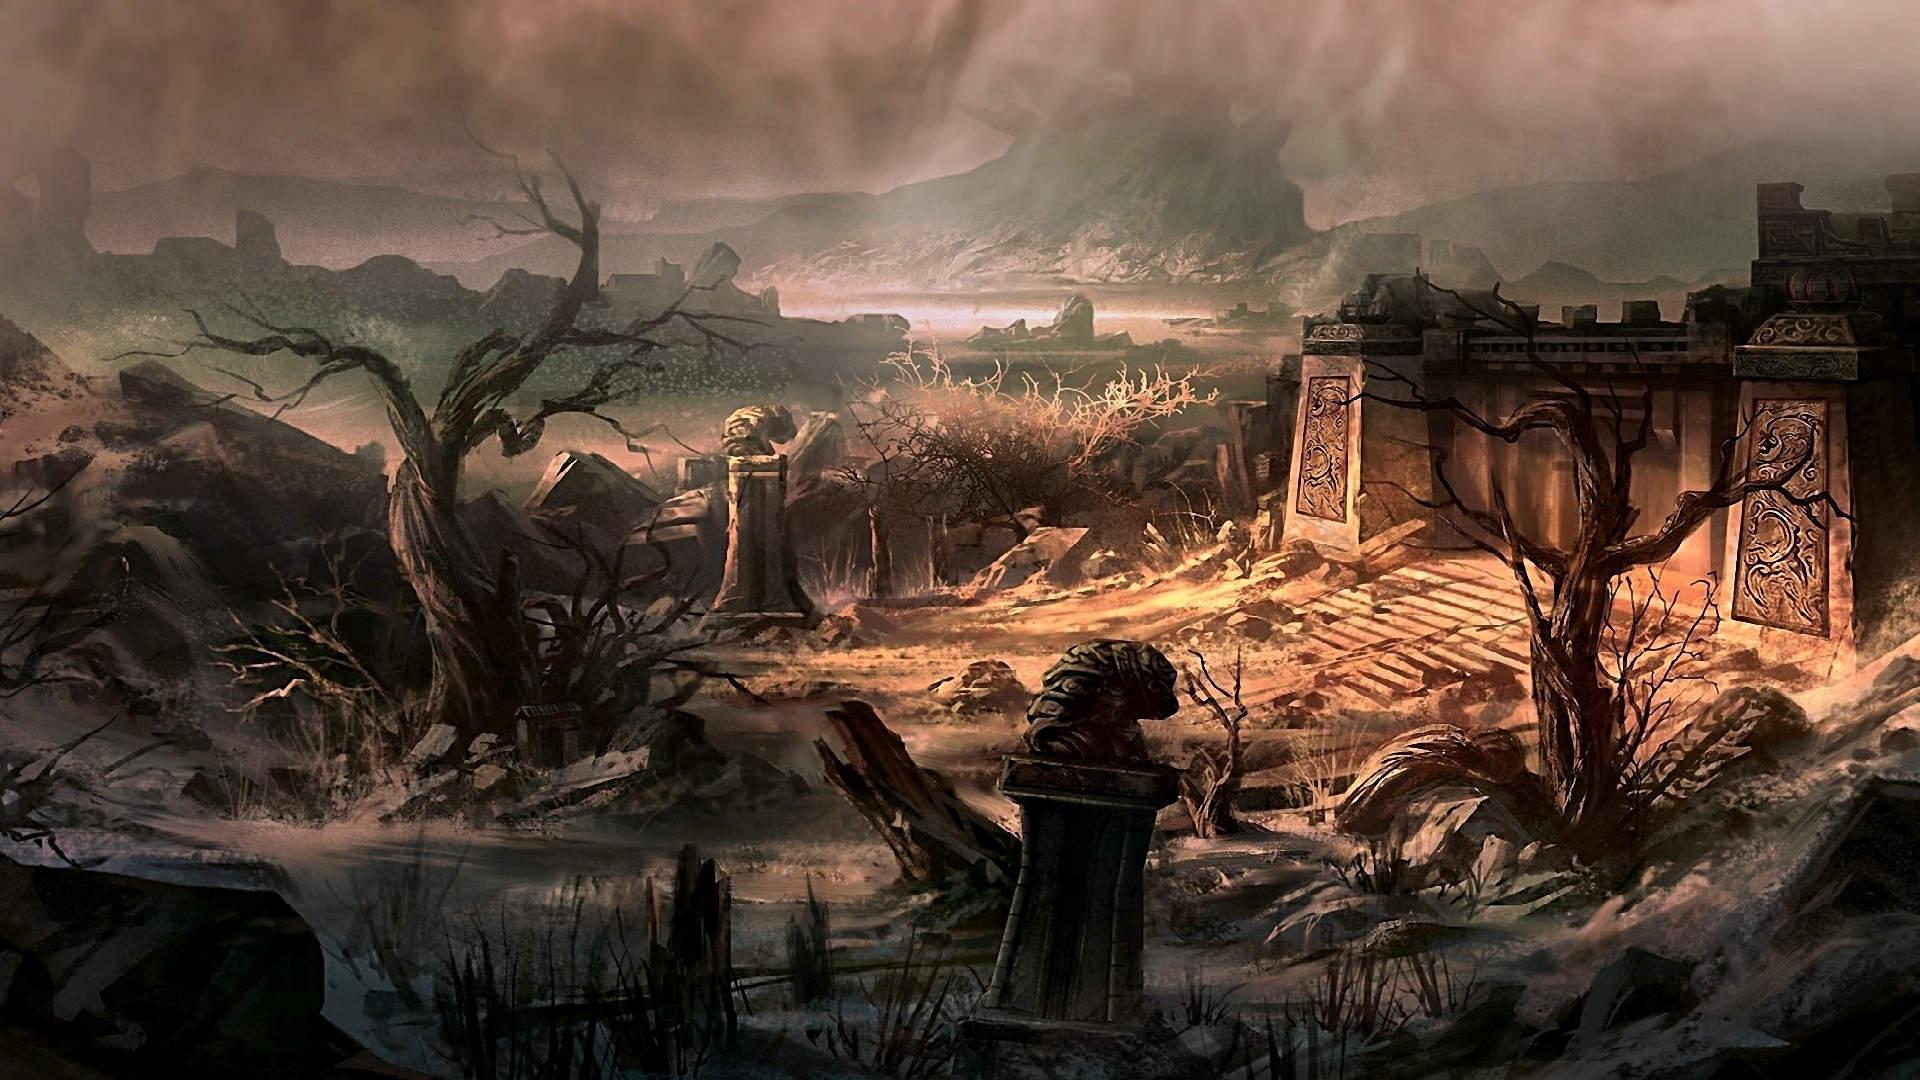 древние руины. камлание шамана и перемещение в мир духов